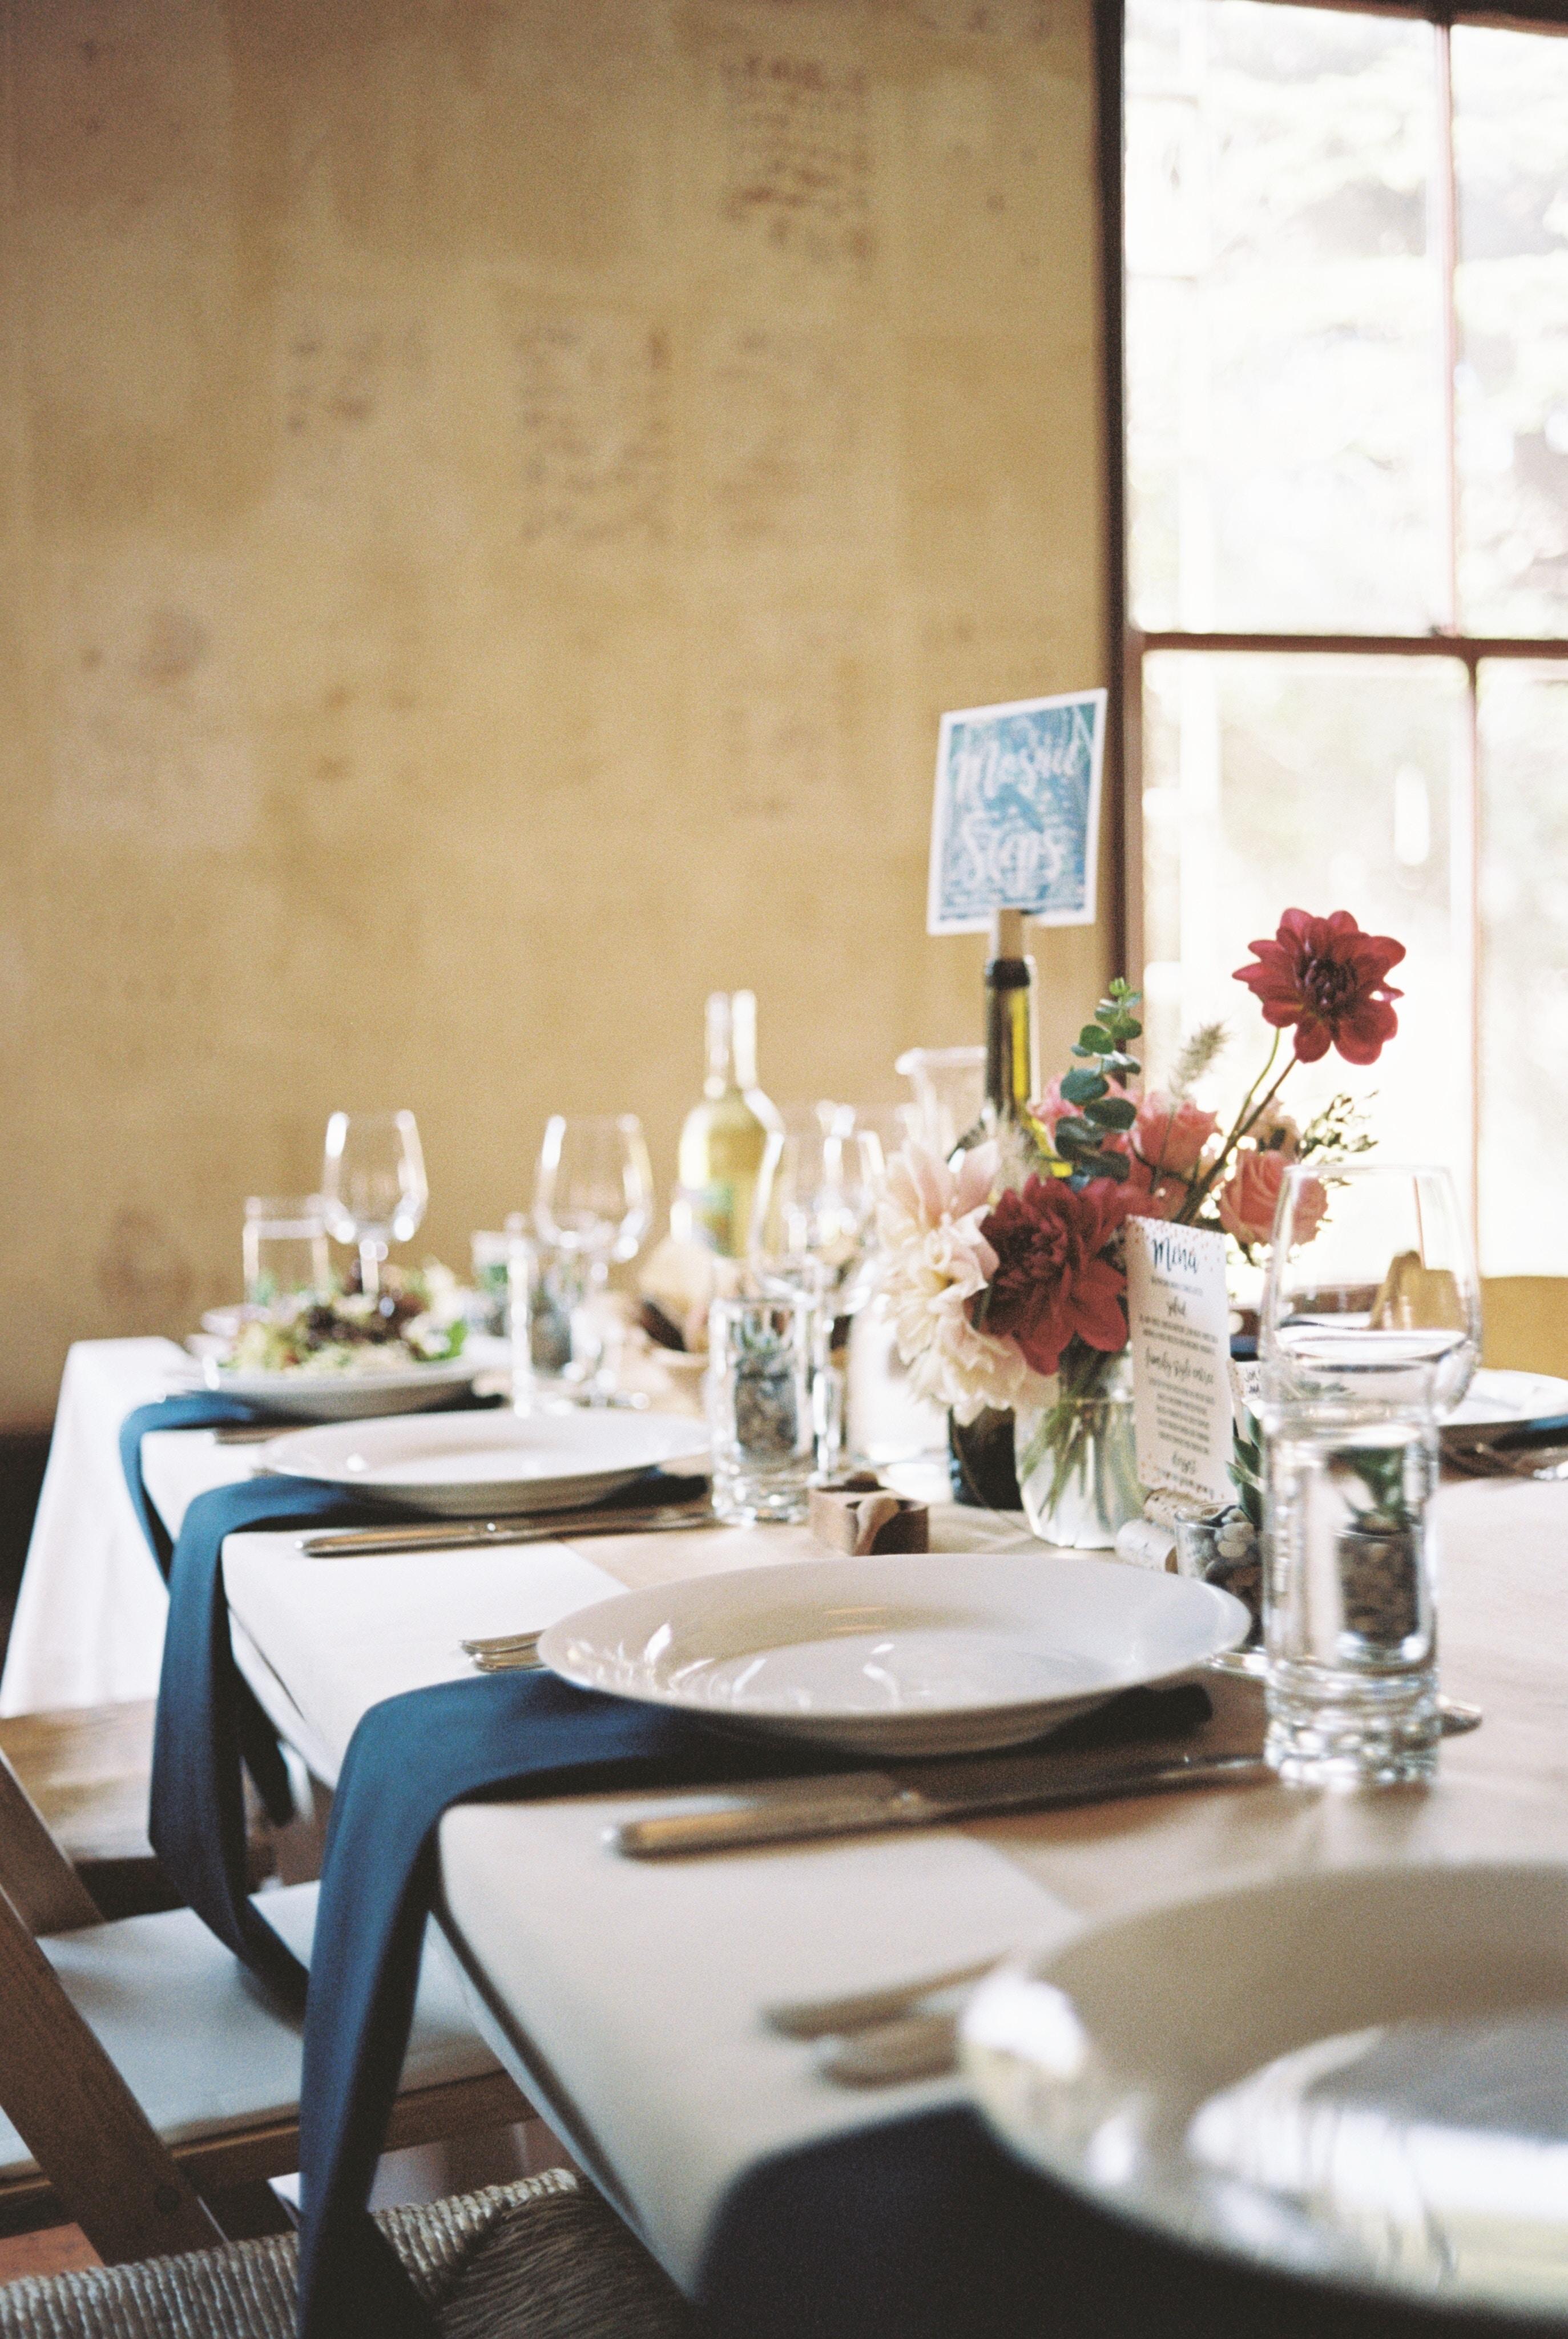 DinnerImage5.jpg